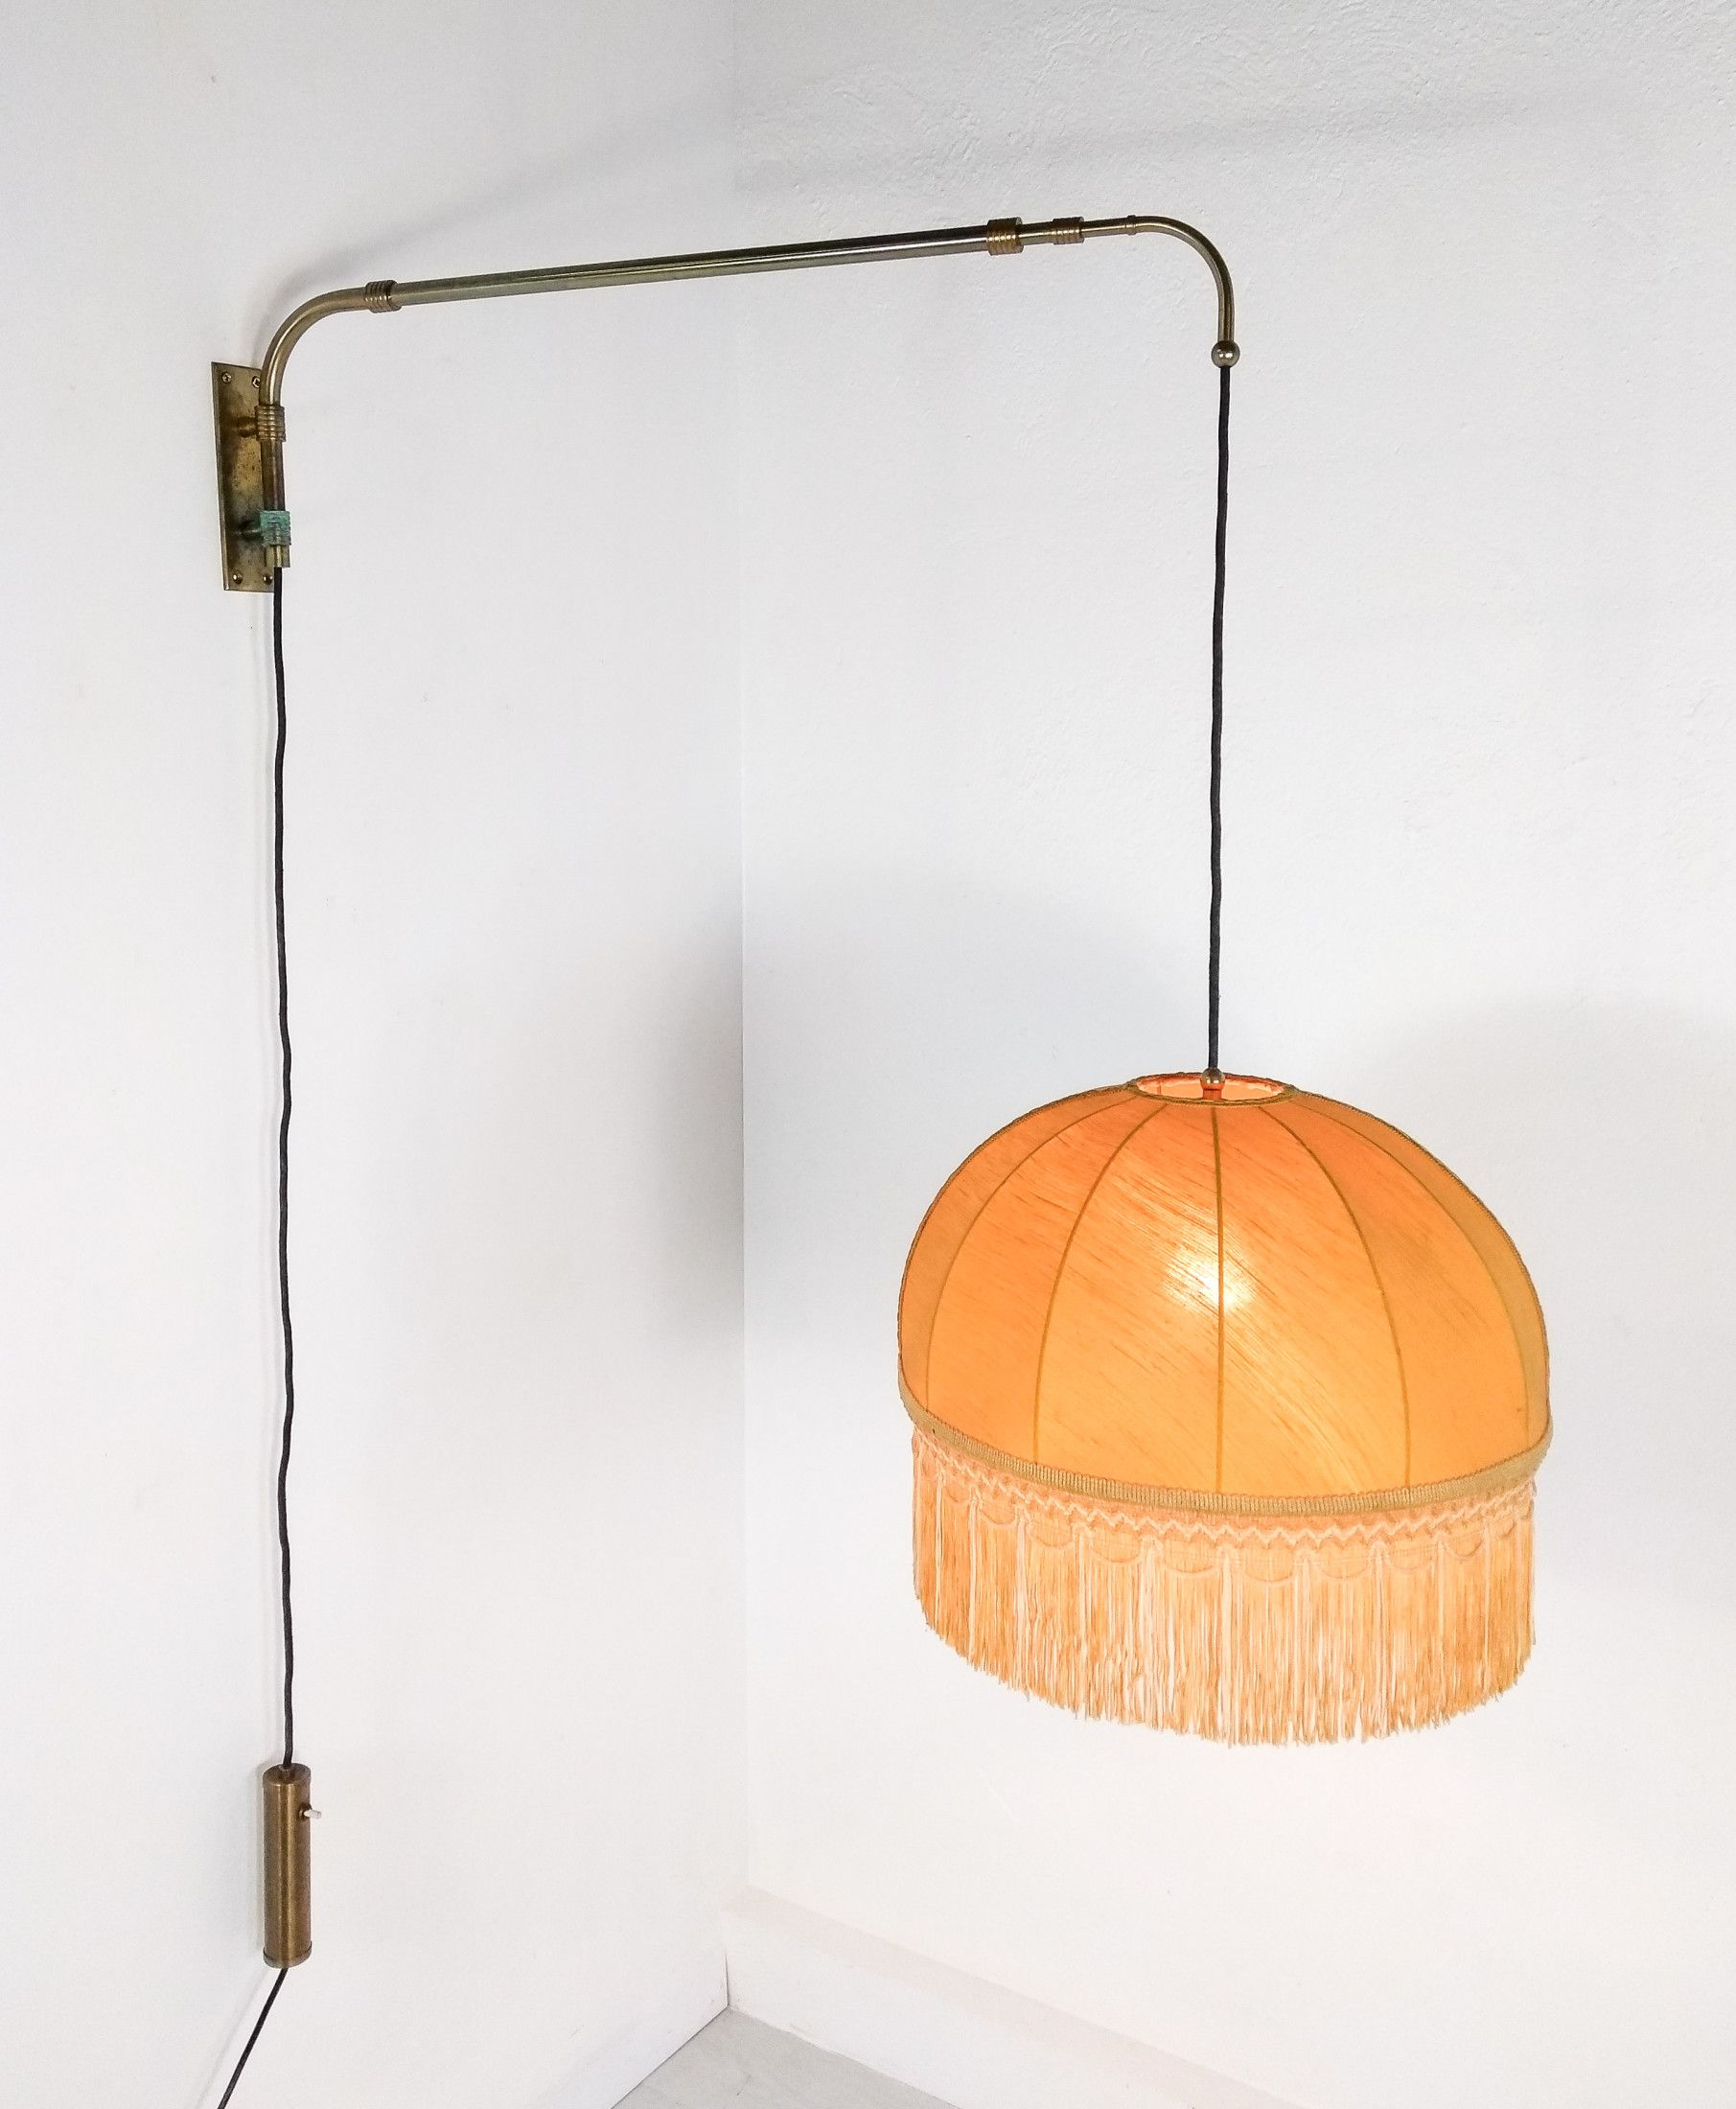 Lampade Da Parete Con Braccio lampada da parete saliscendi, con braccio e altezza